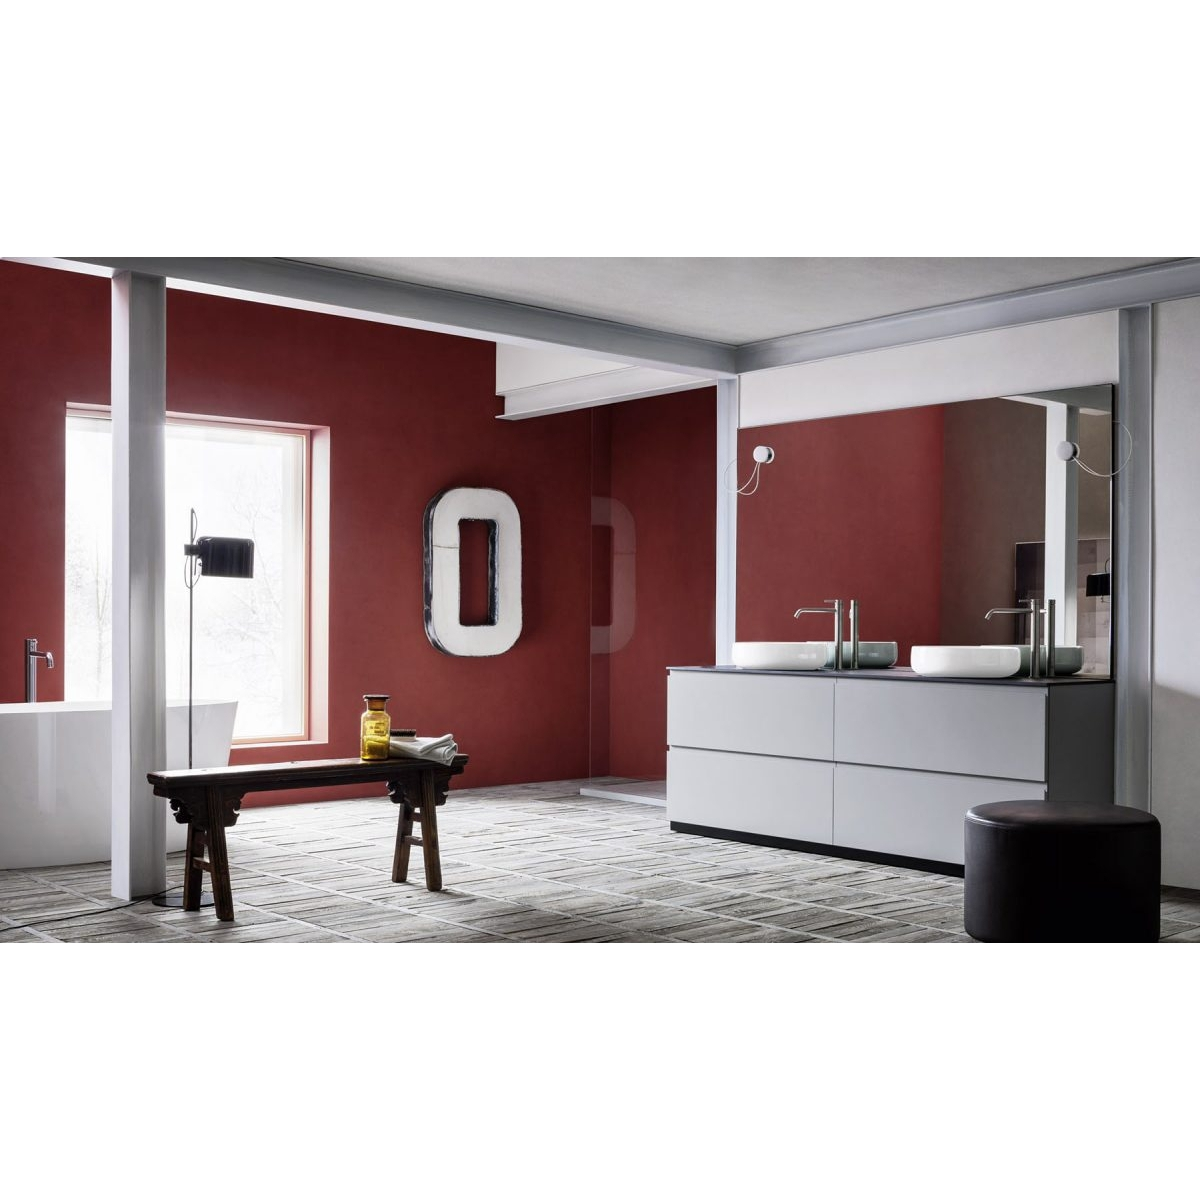 Elegante Mobile Bagno Moderno Con Doppio Lavabo Della Collezione Street By Arbi Arredobagno Composizione Completa Di Due Lavabi Mobile E Specchio